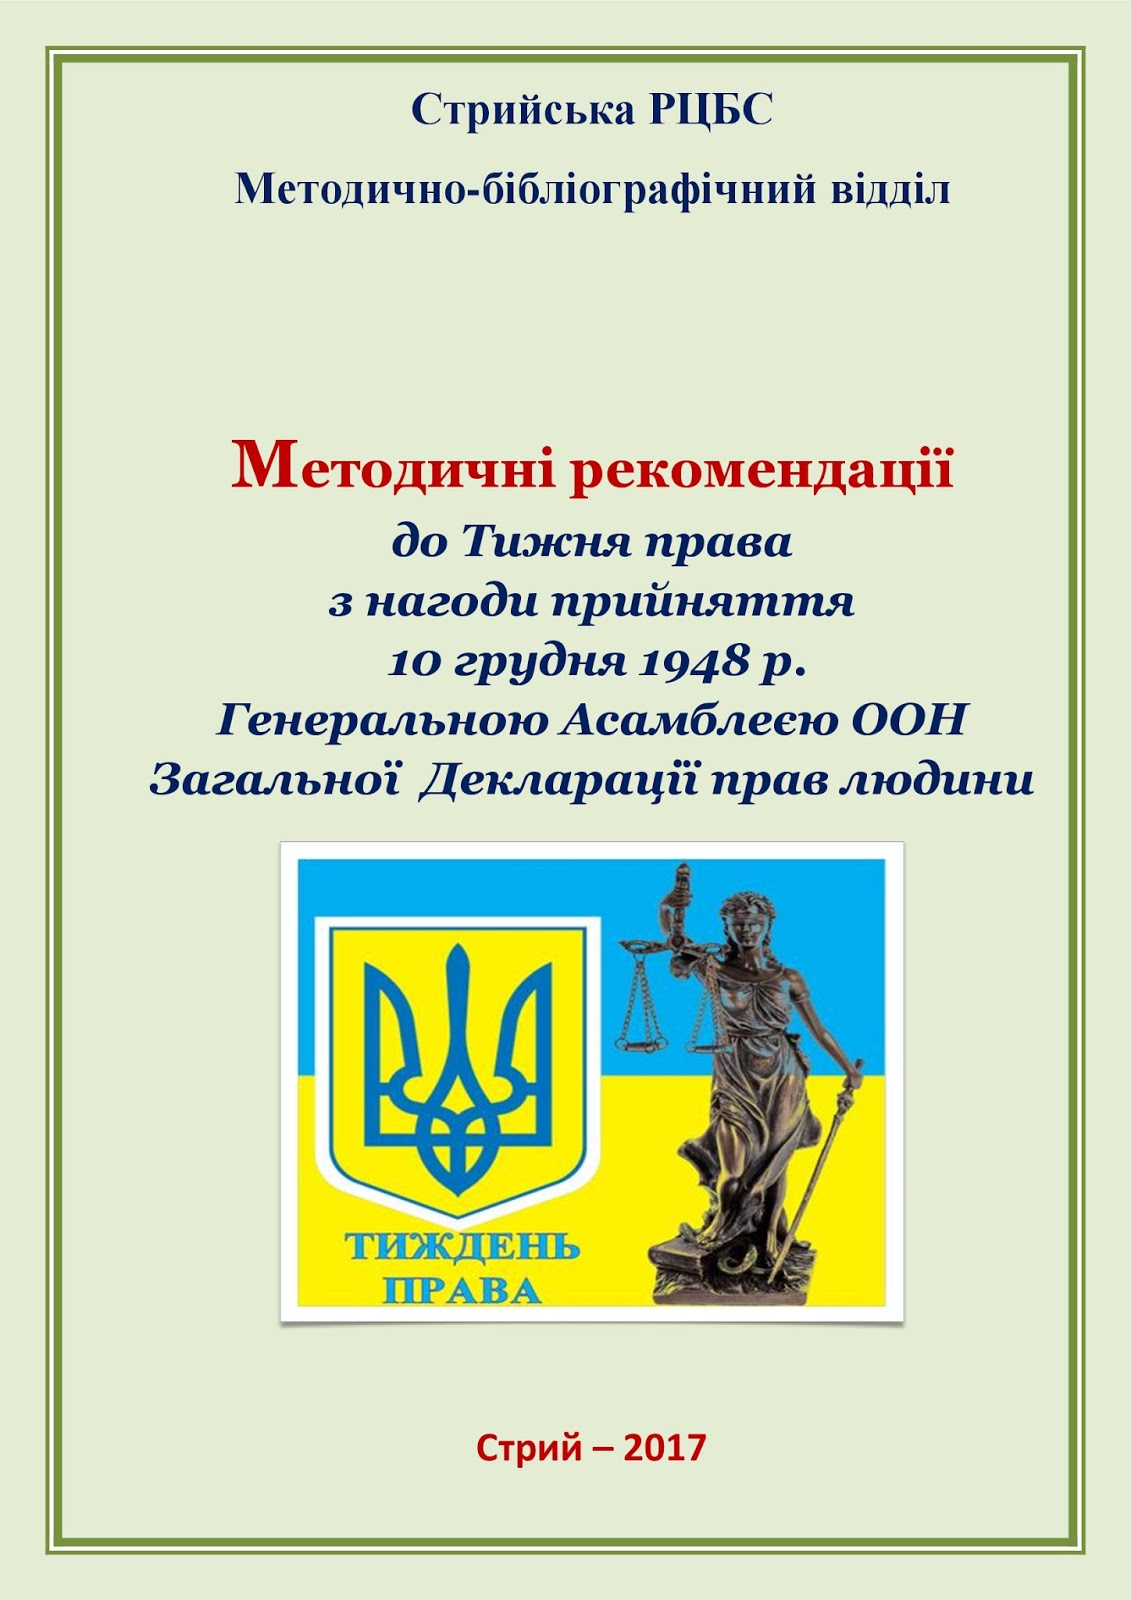 асамблеєю оон 1959 декларація